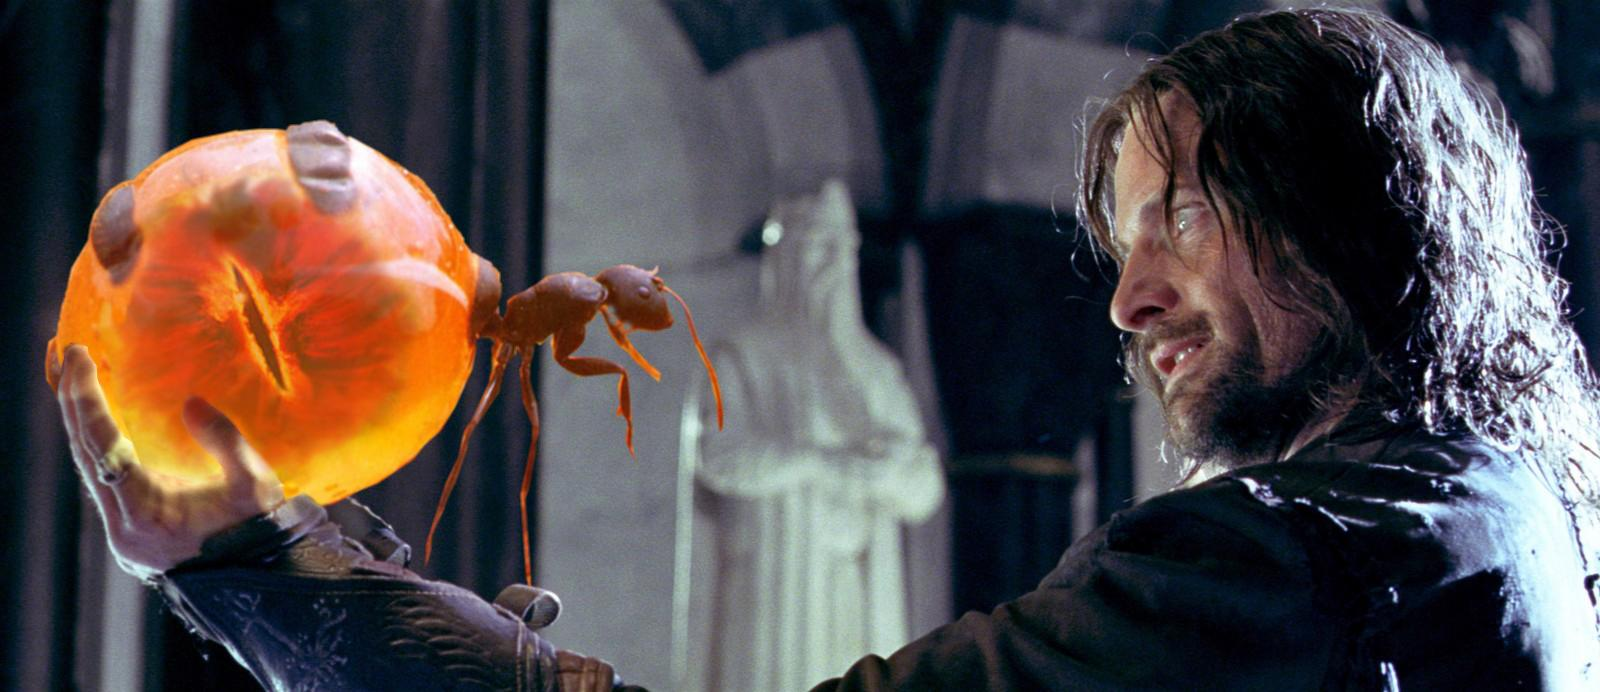 Aragorn and the palANTir